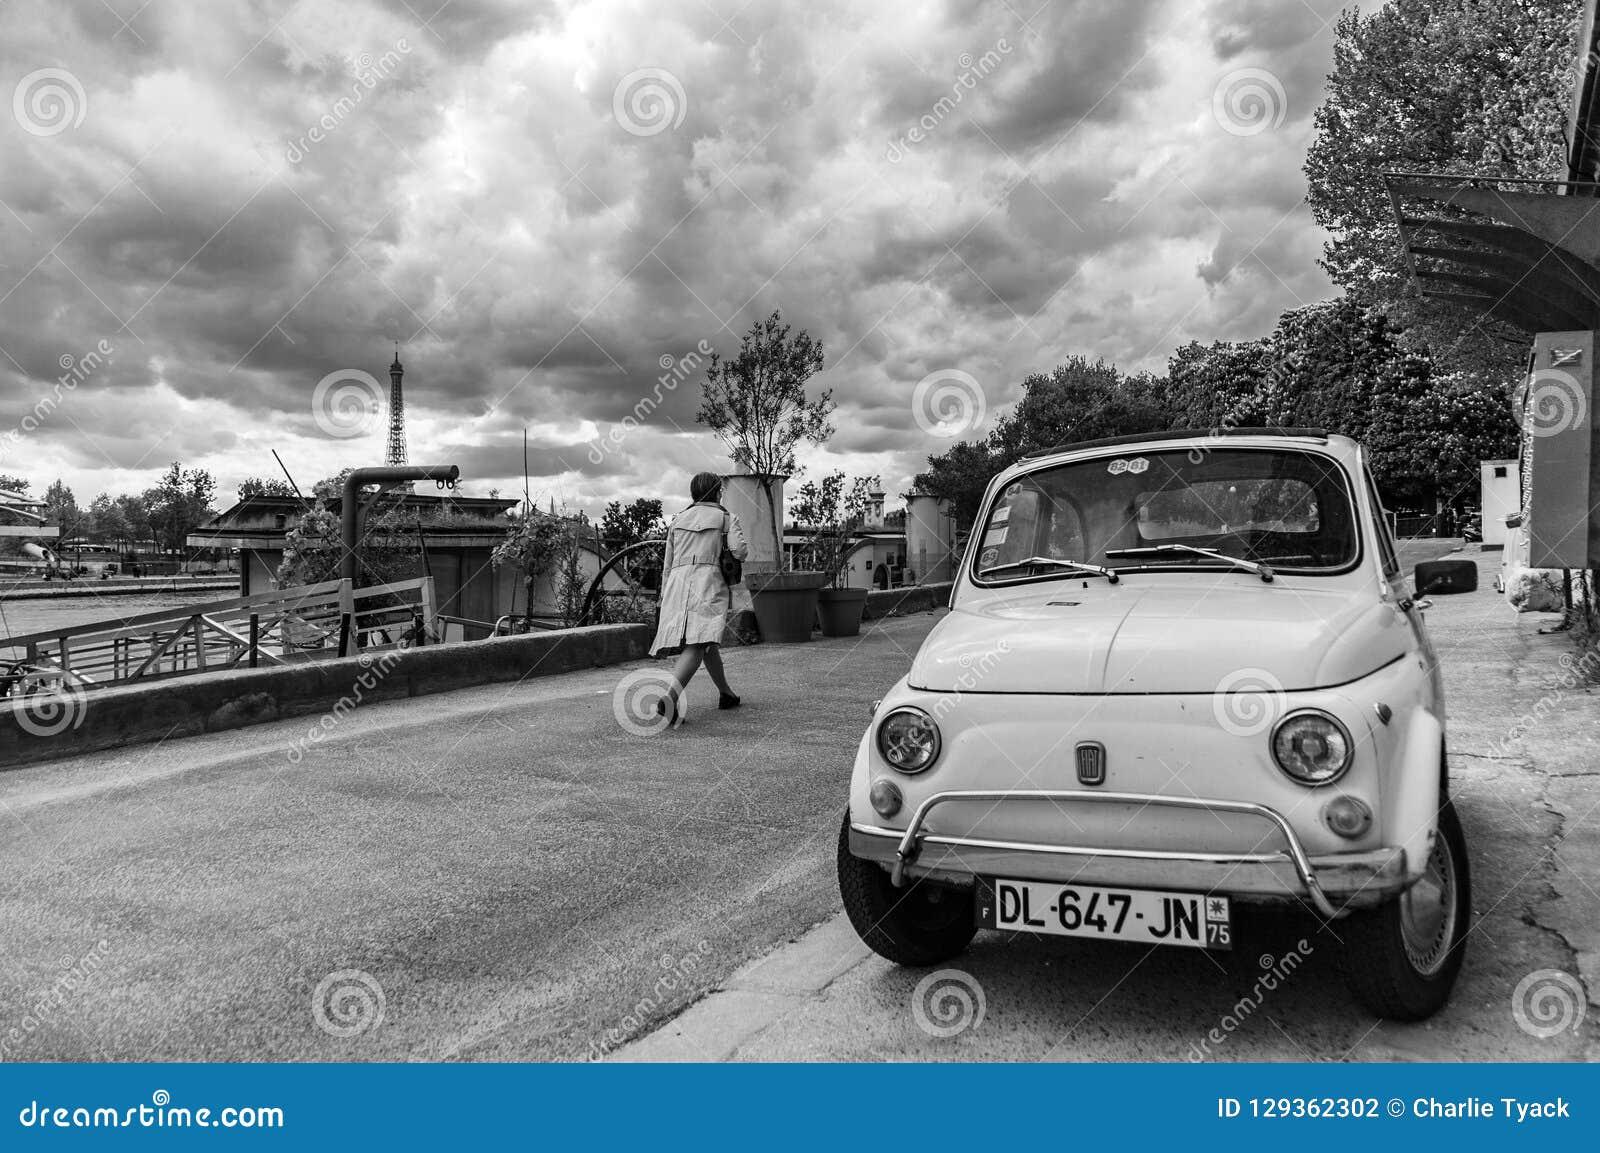 April 27th 2018 - Paris, France - Fiat 500 Next To The Seine